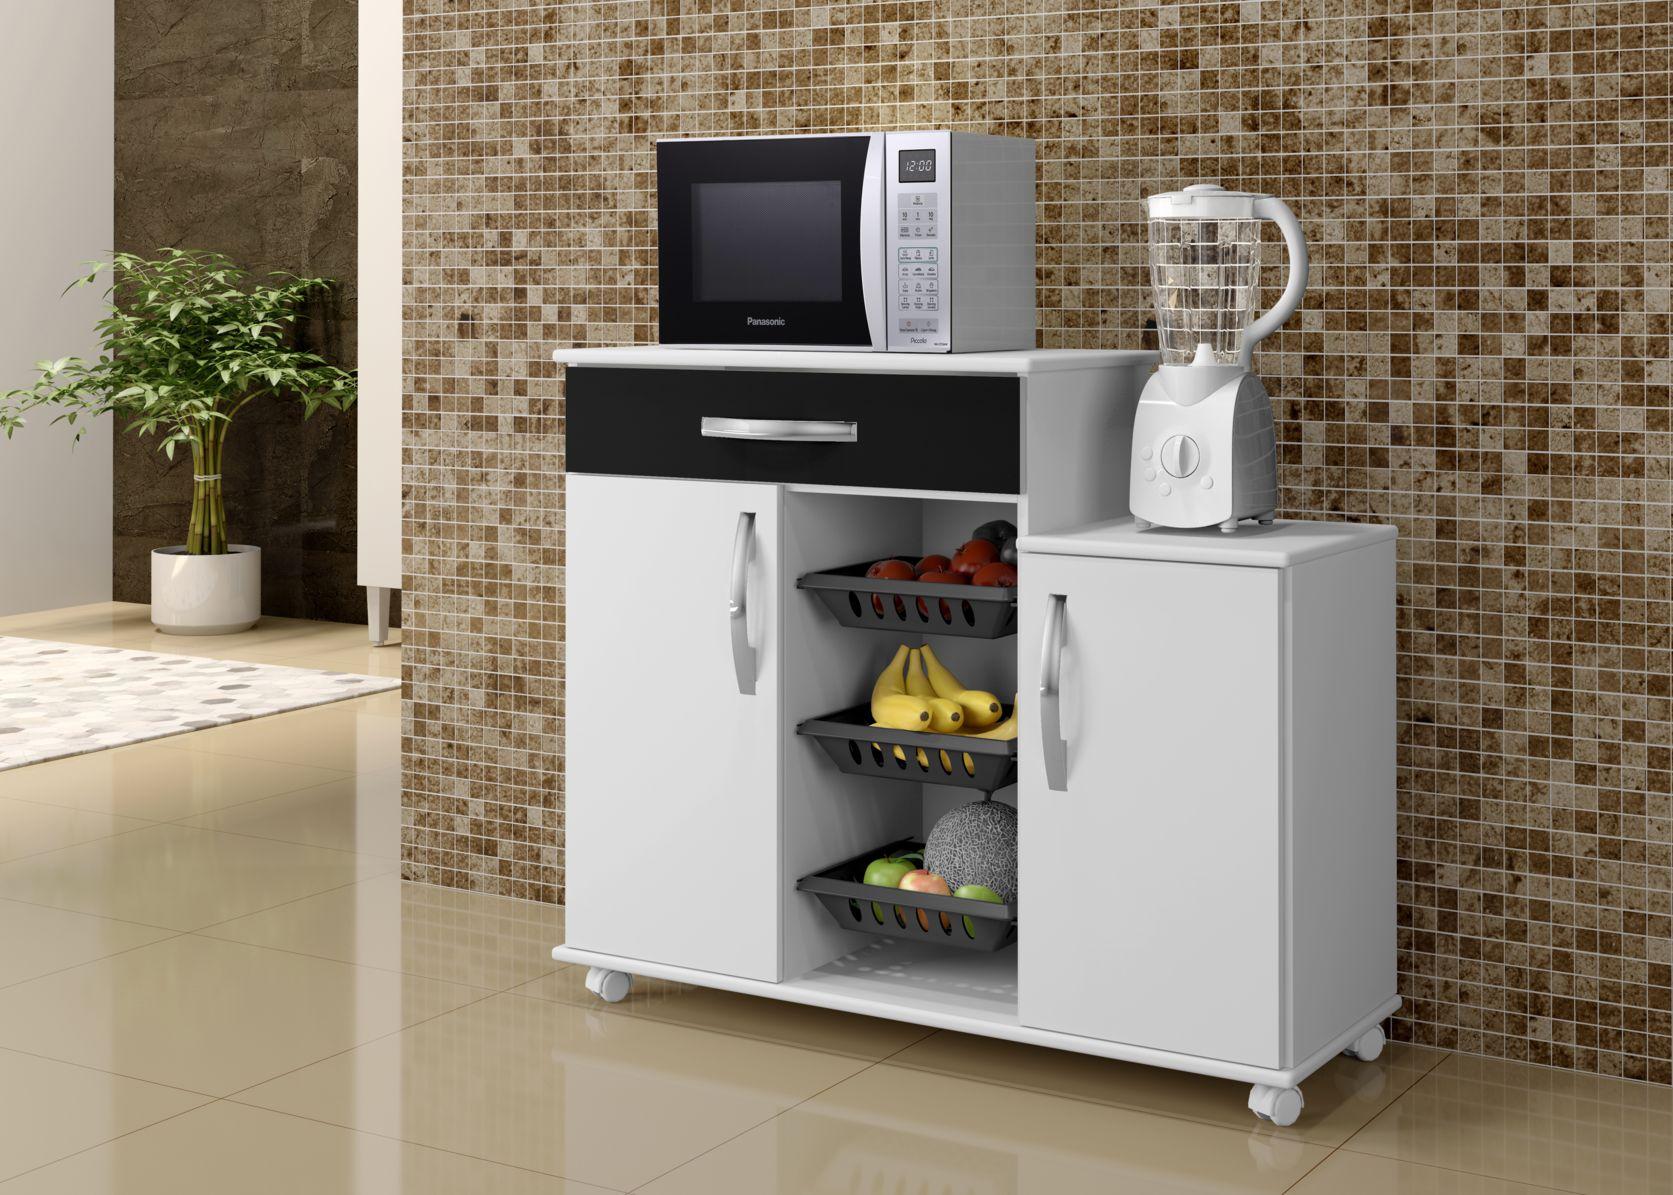 Fruteira Teresina Armário de Cozinha Área com Gaveta Porta